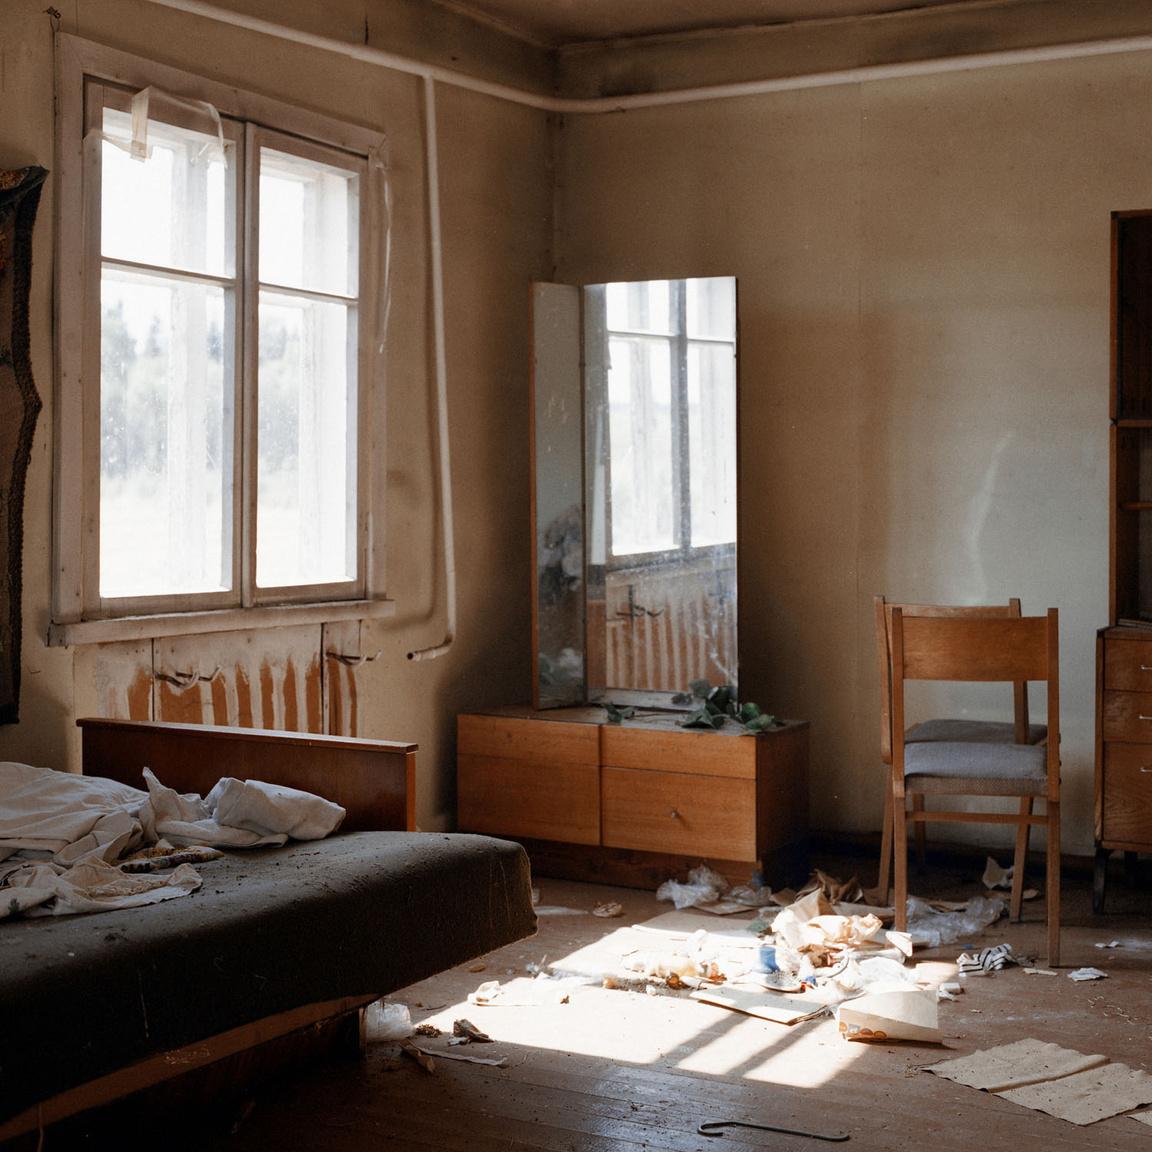 Frissen elhagyott ház az ország közepén, a Kėdainiai járásban.